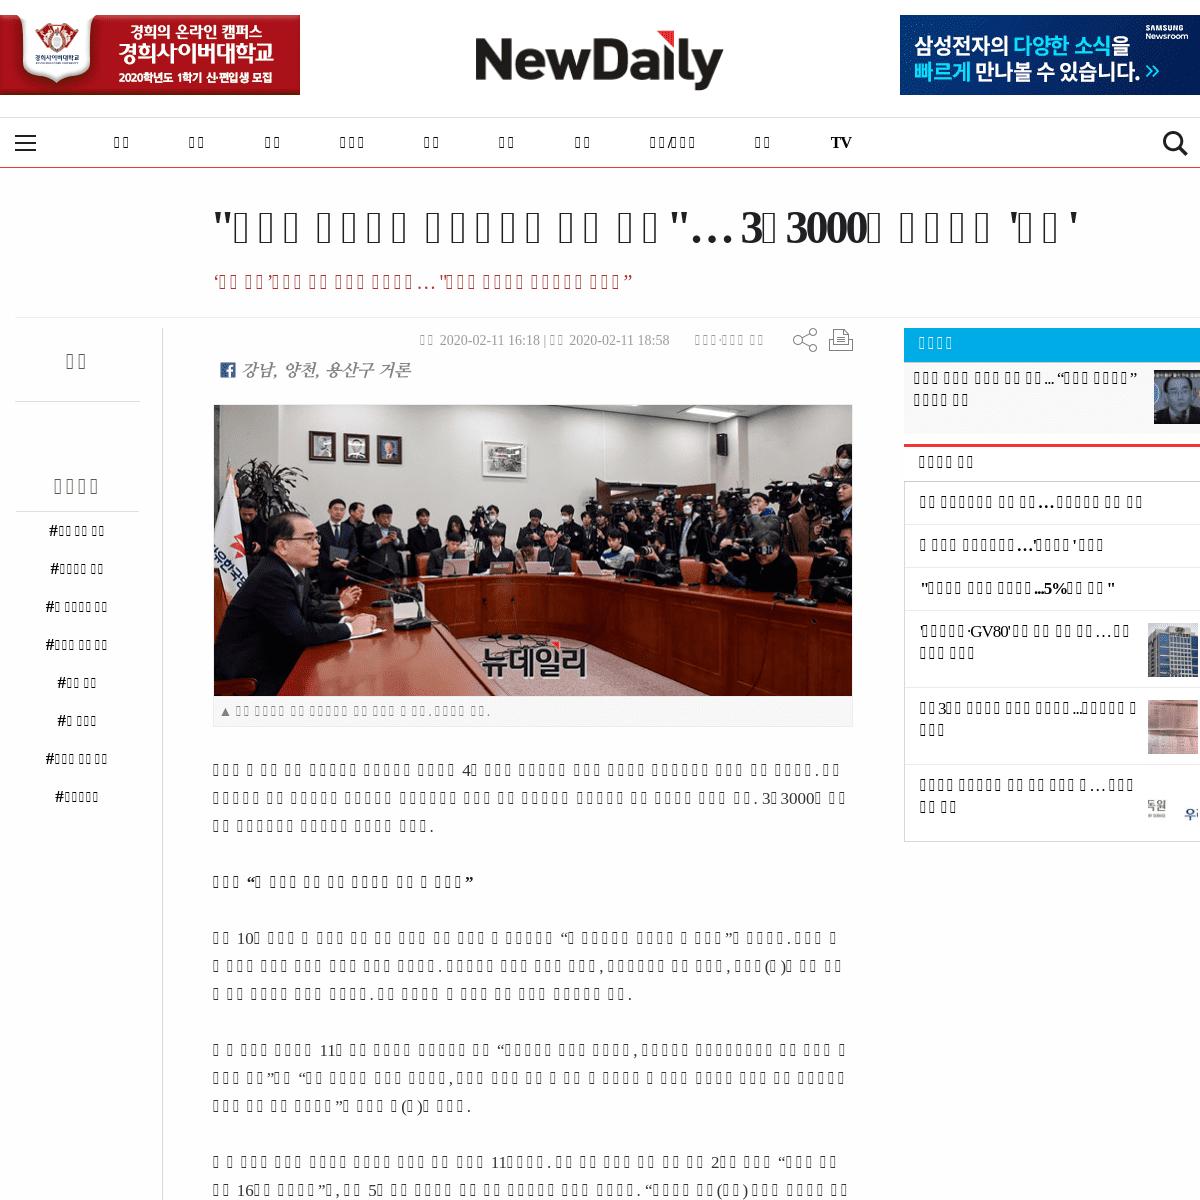 -태영호 당선시켜 종북세력의 위선 깨자-… 3만3000명 탈북사회 '환호' - Save Internet 뉴데일리